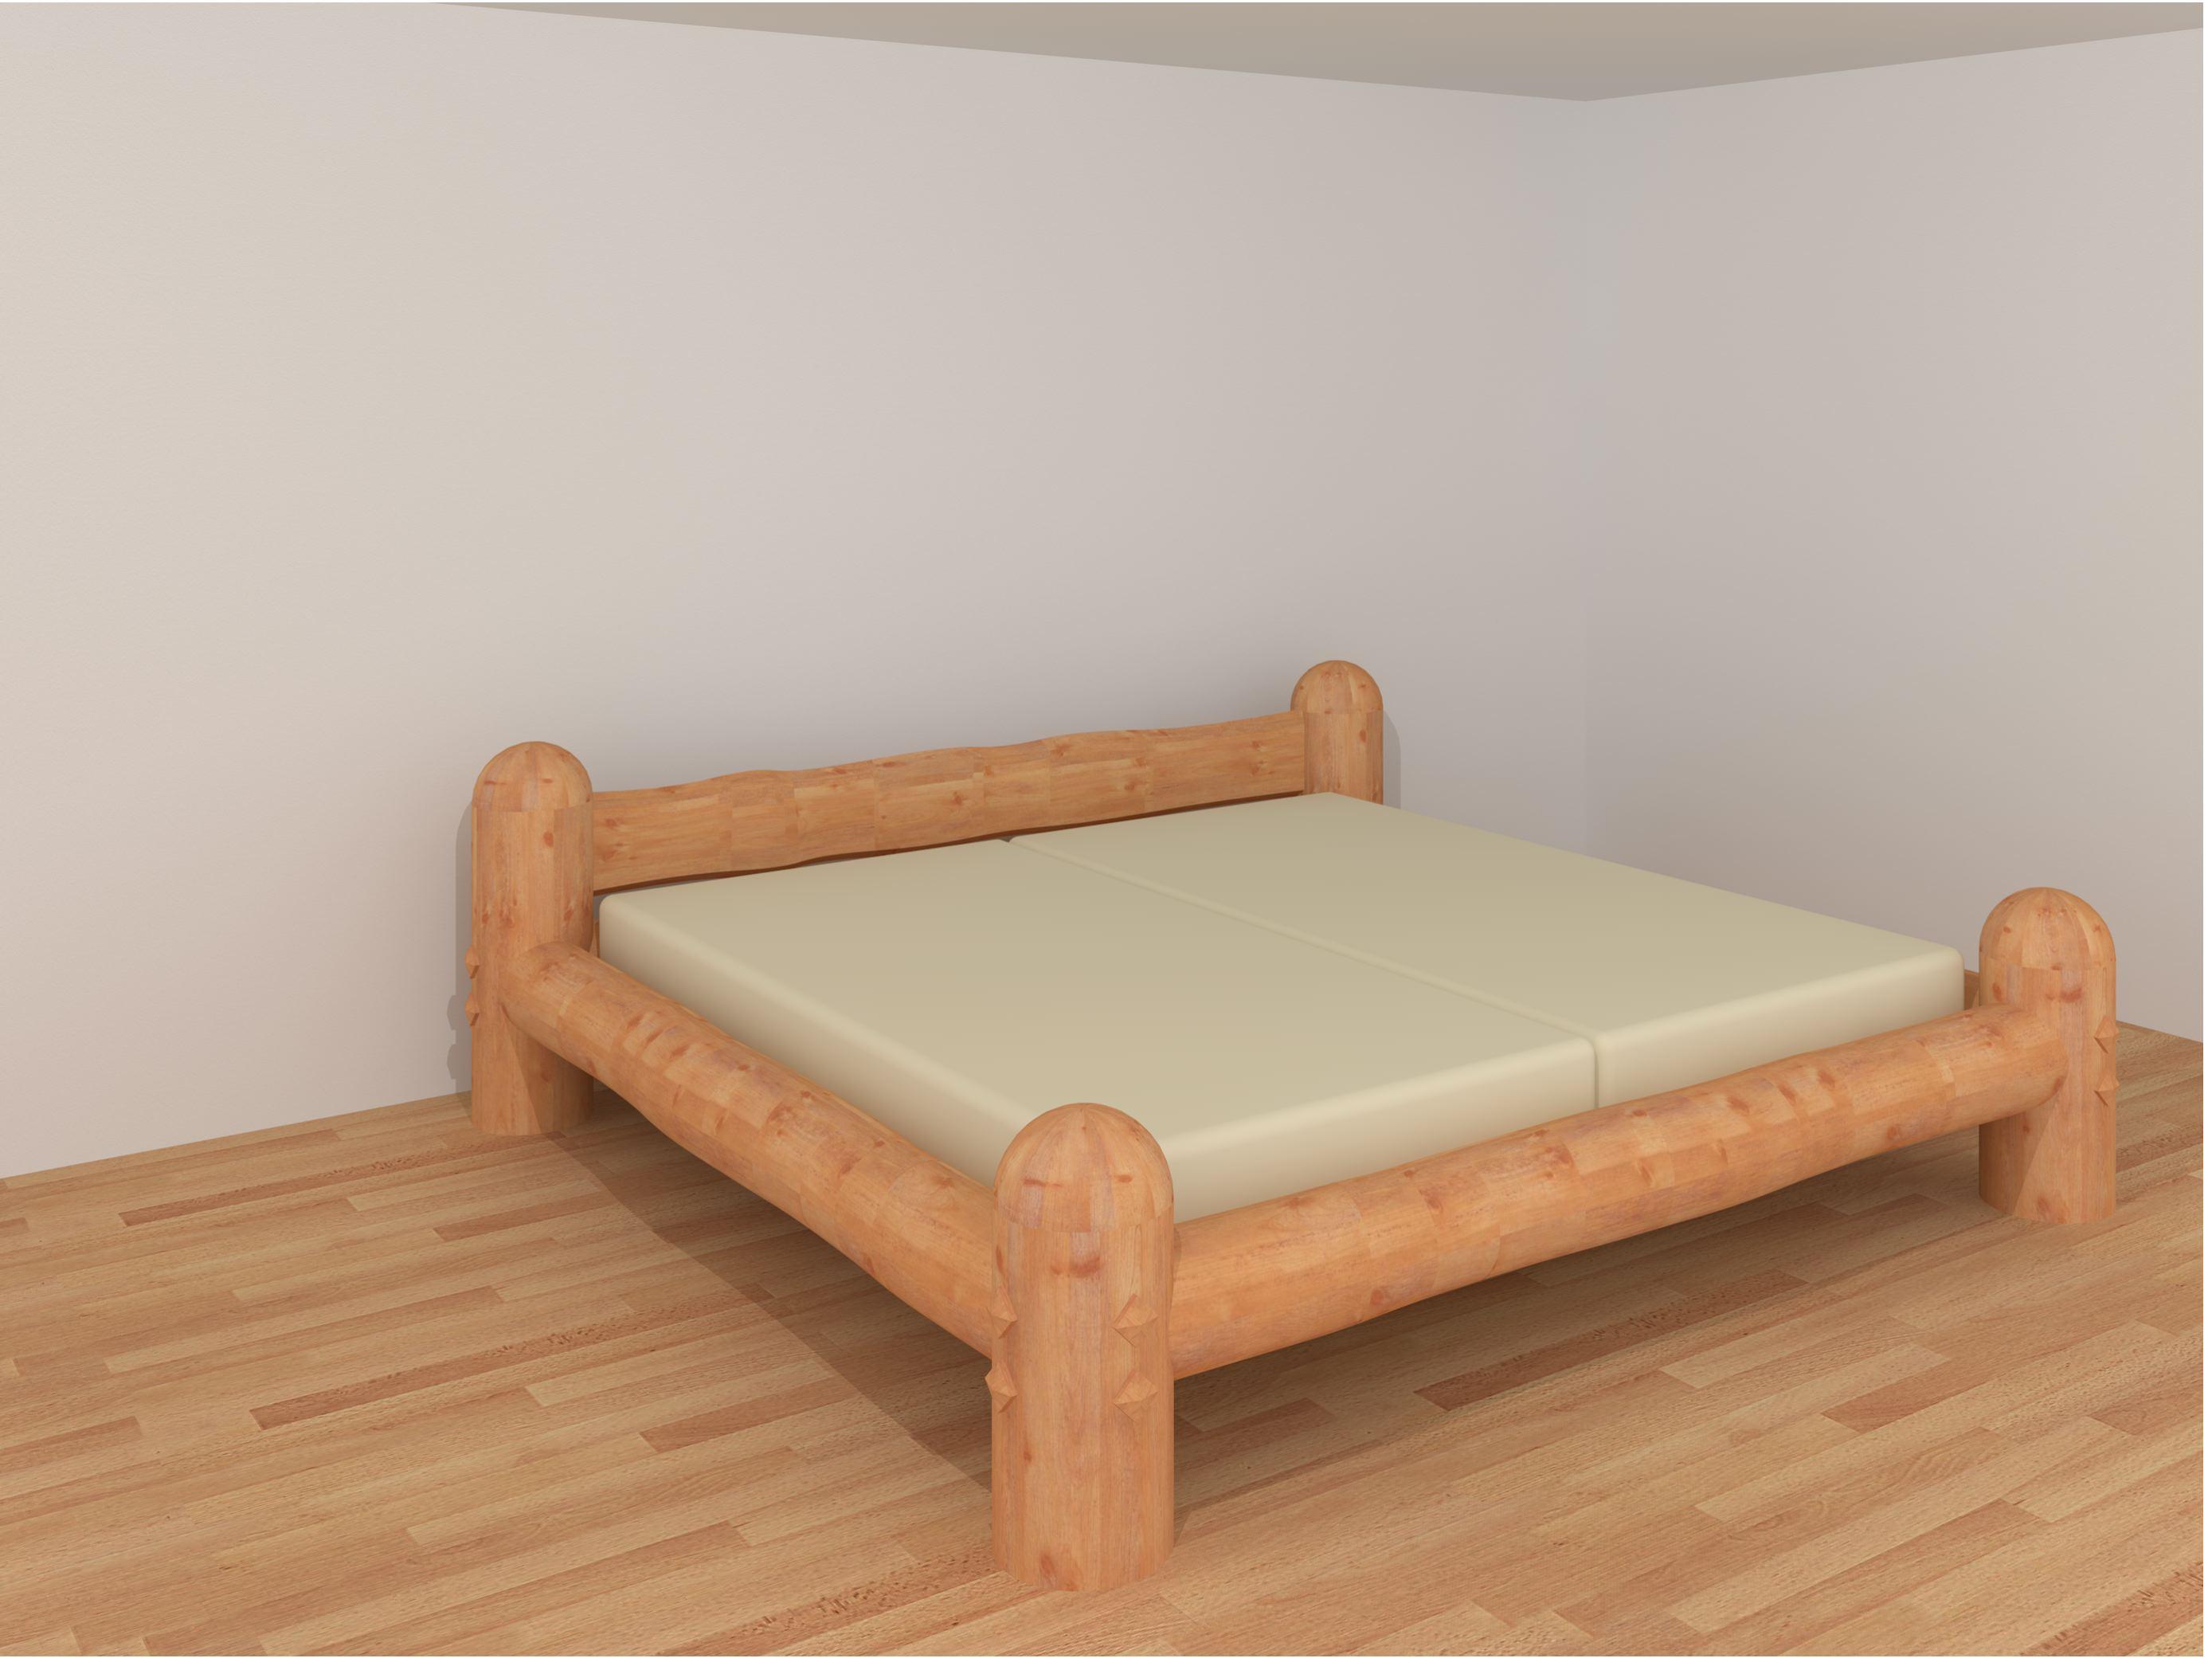 Balkenbett Rundholz Relax Bettsysteme Relax 2000 Loferer